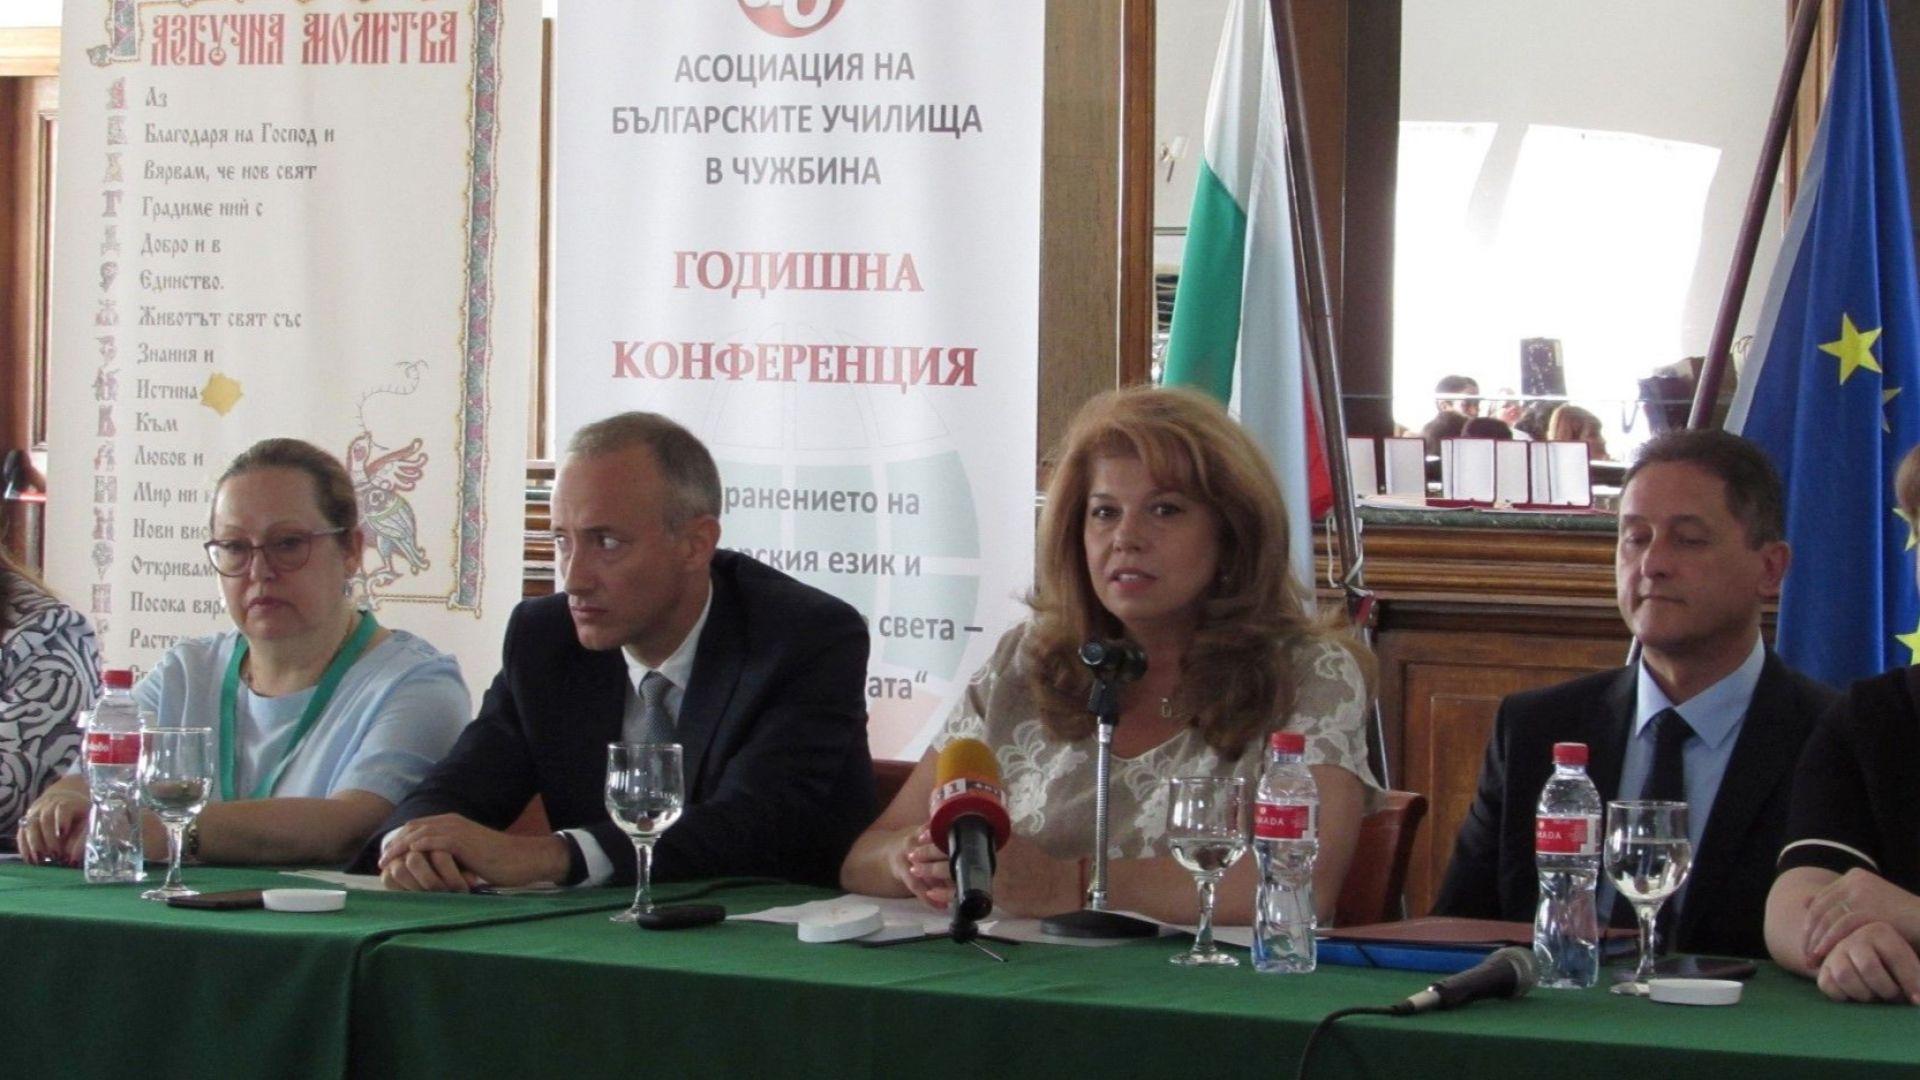 Образованието зад граница е най-добрата политика с българските общности, но не е достатъчна